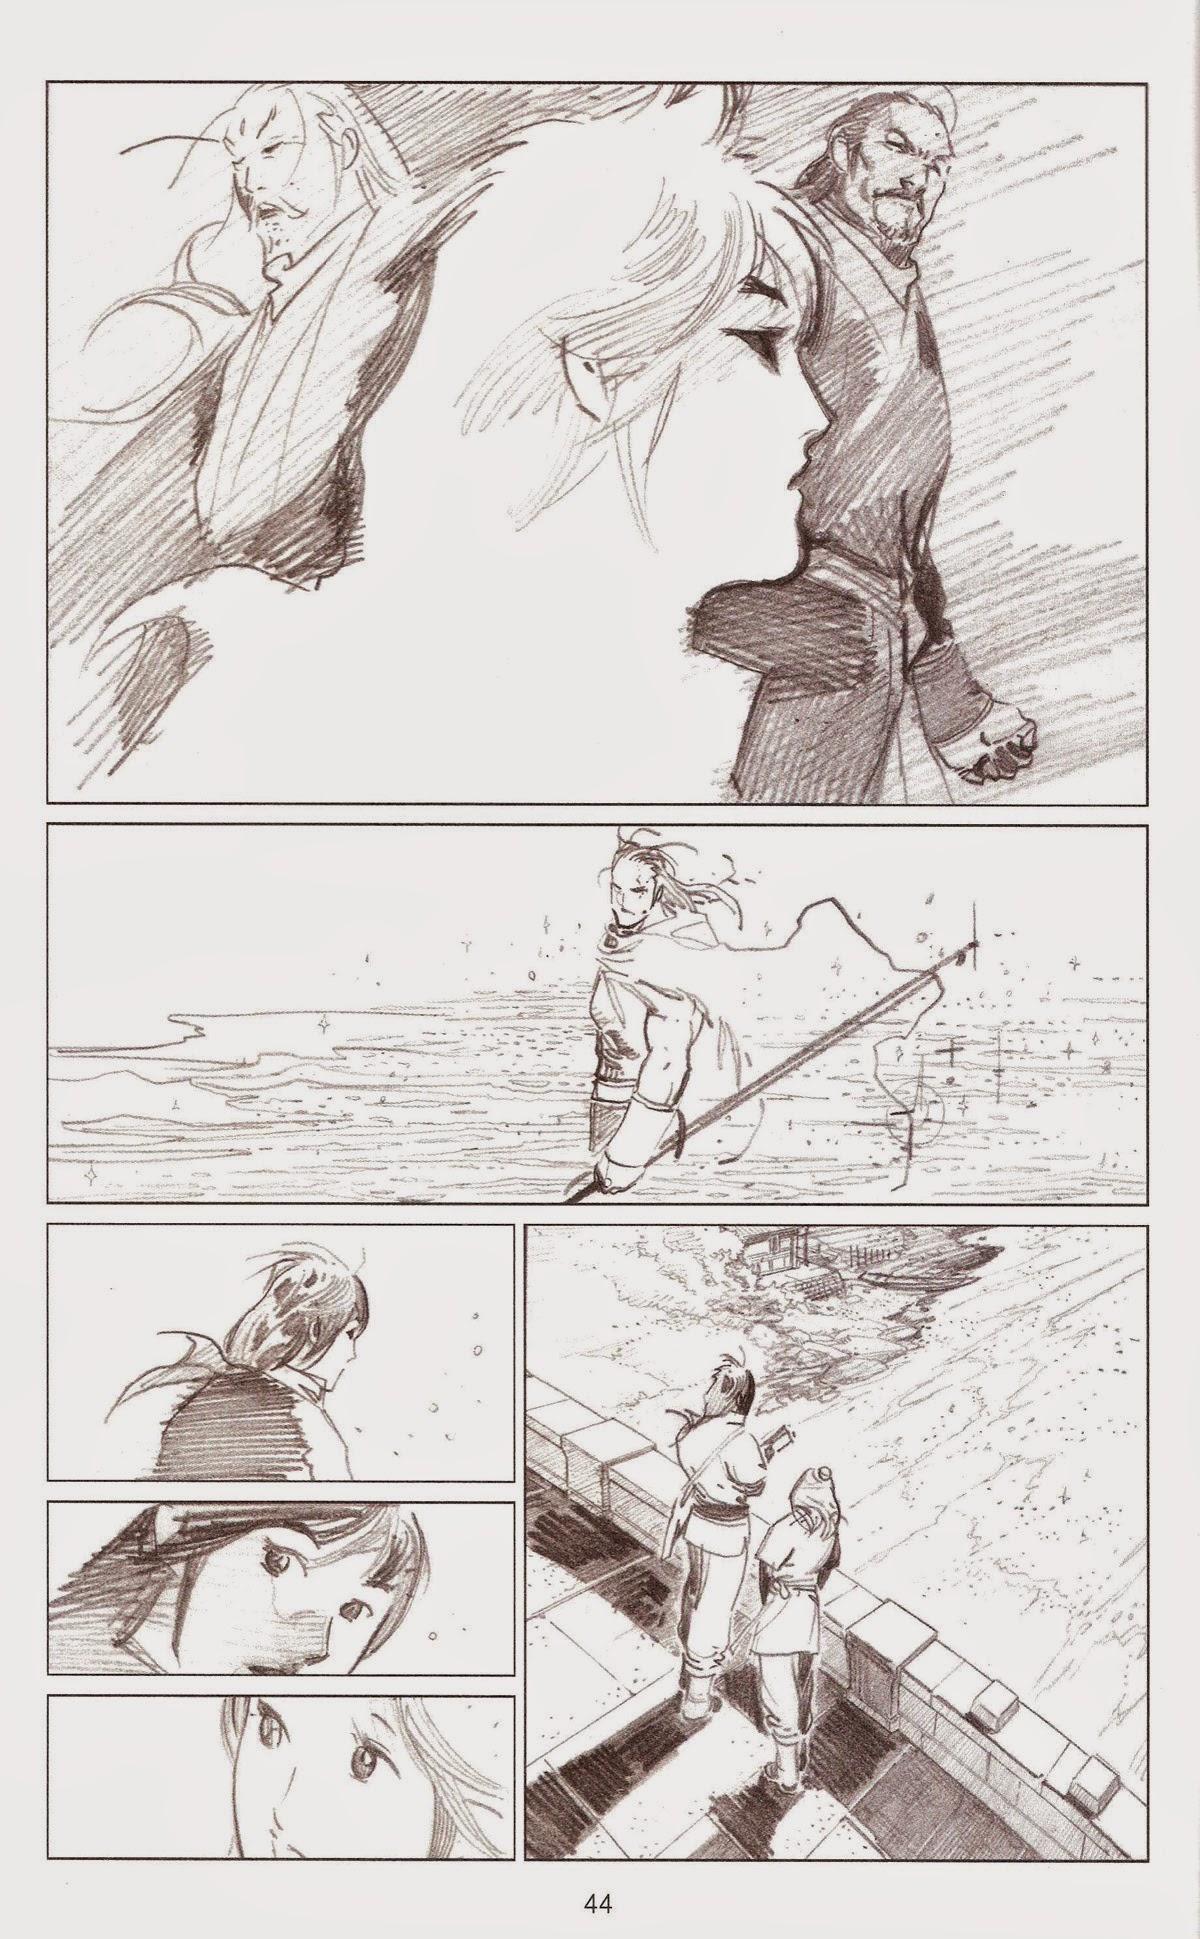 Phong Vân chap 675 - Trang 42